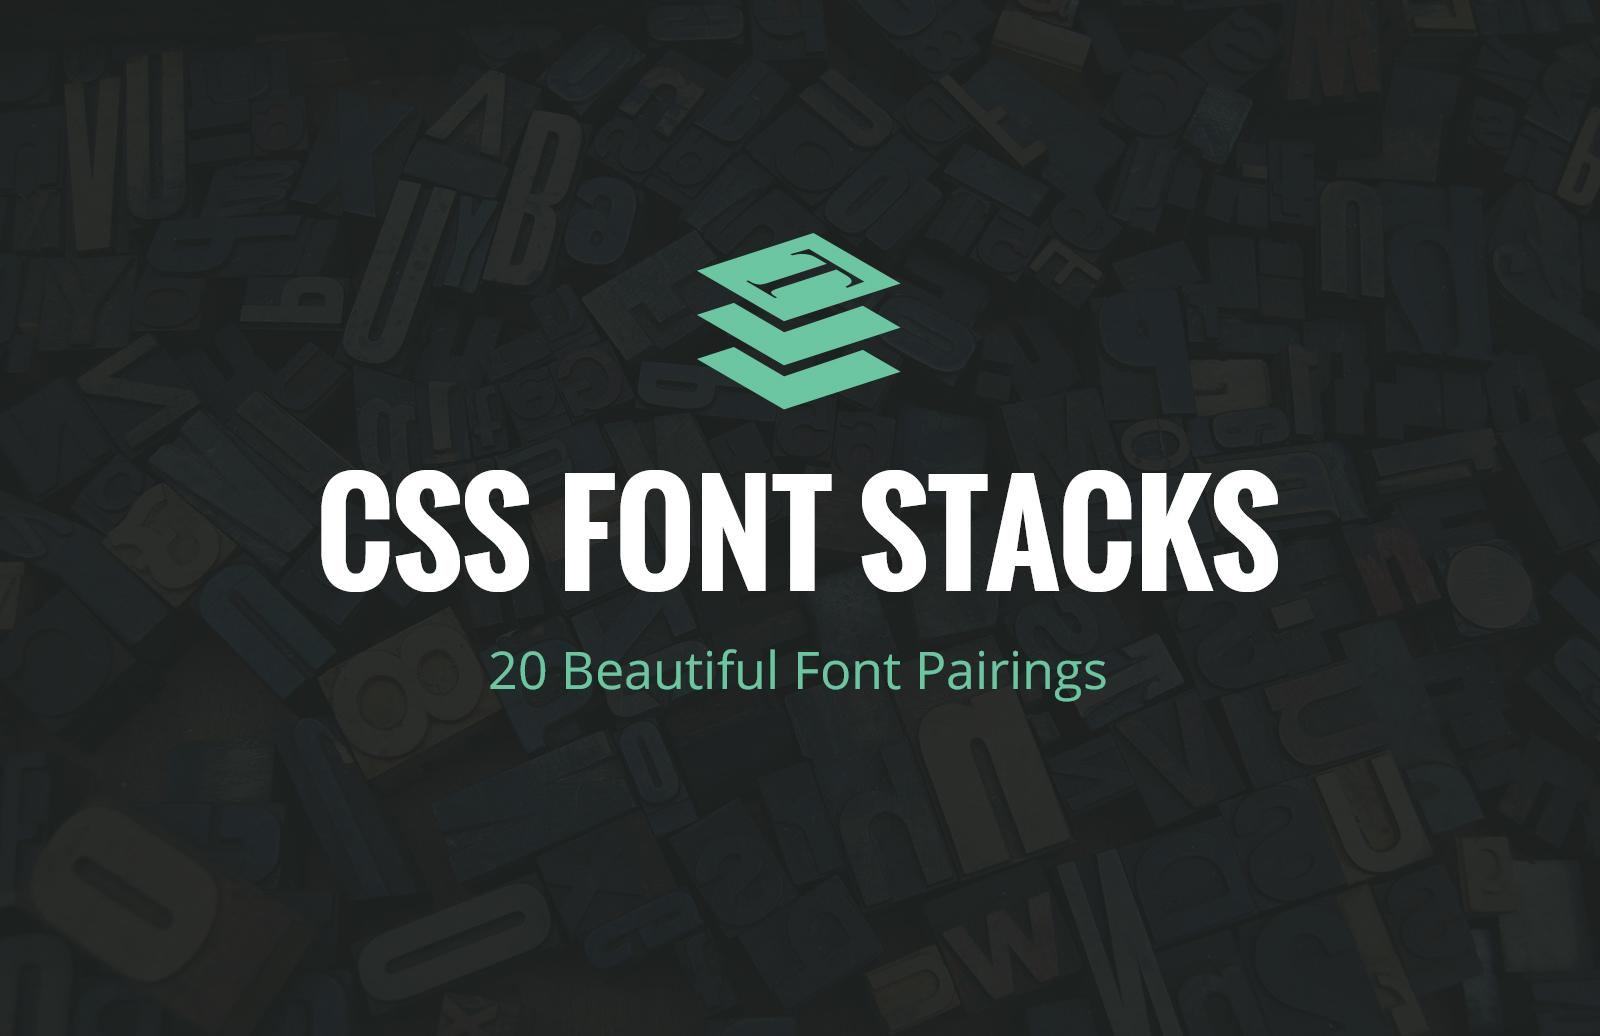 Free CSS Font Stacks